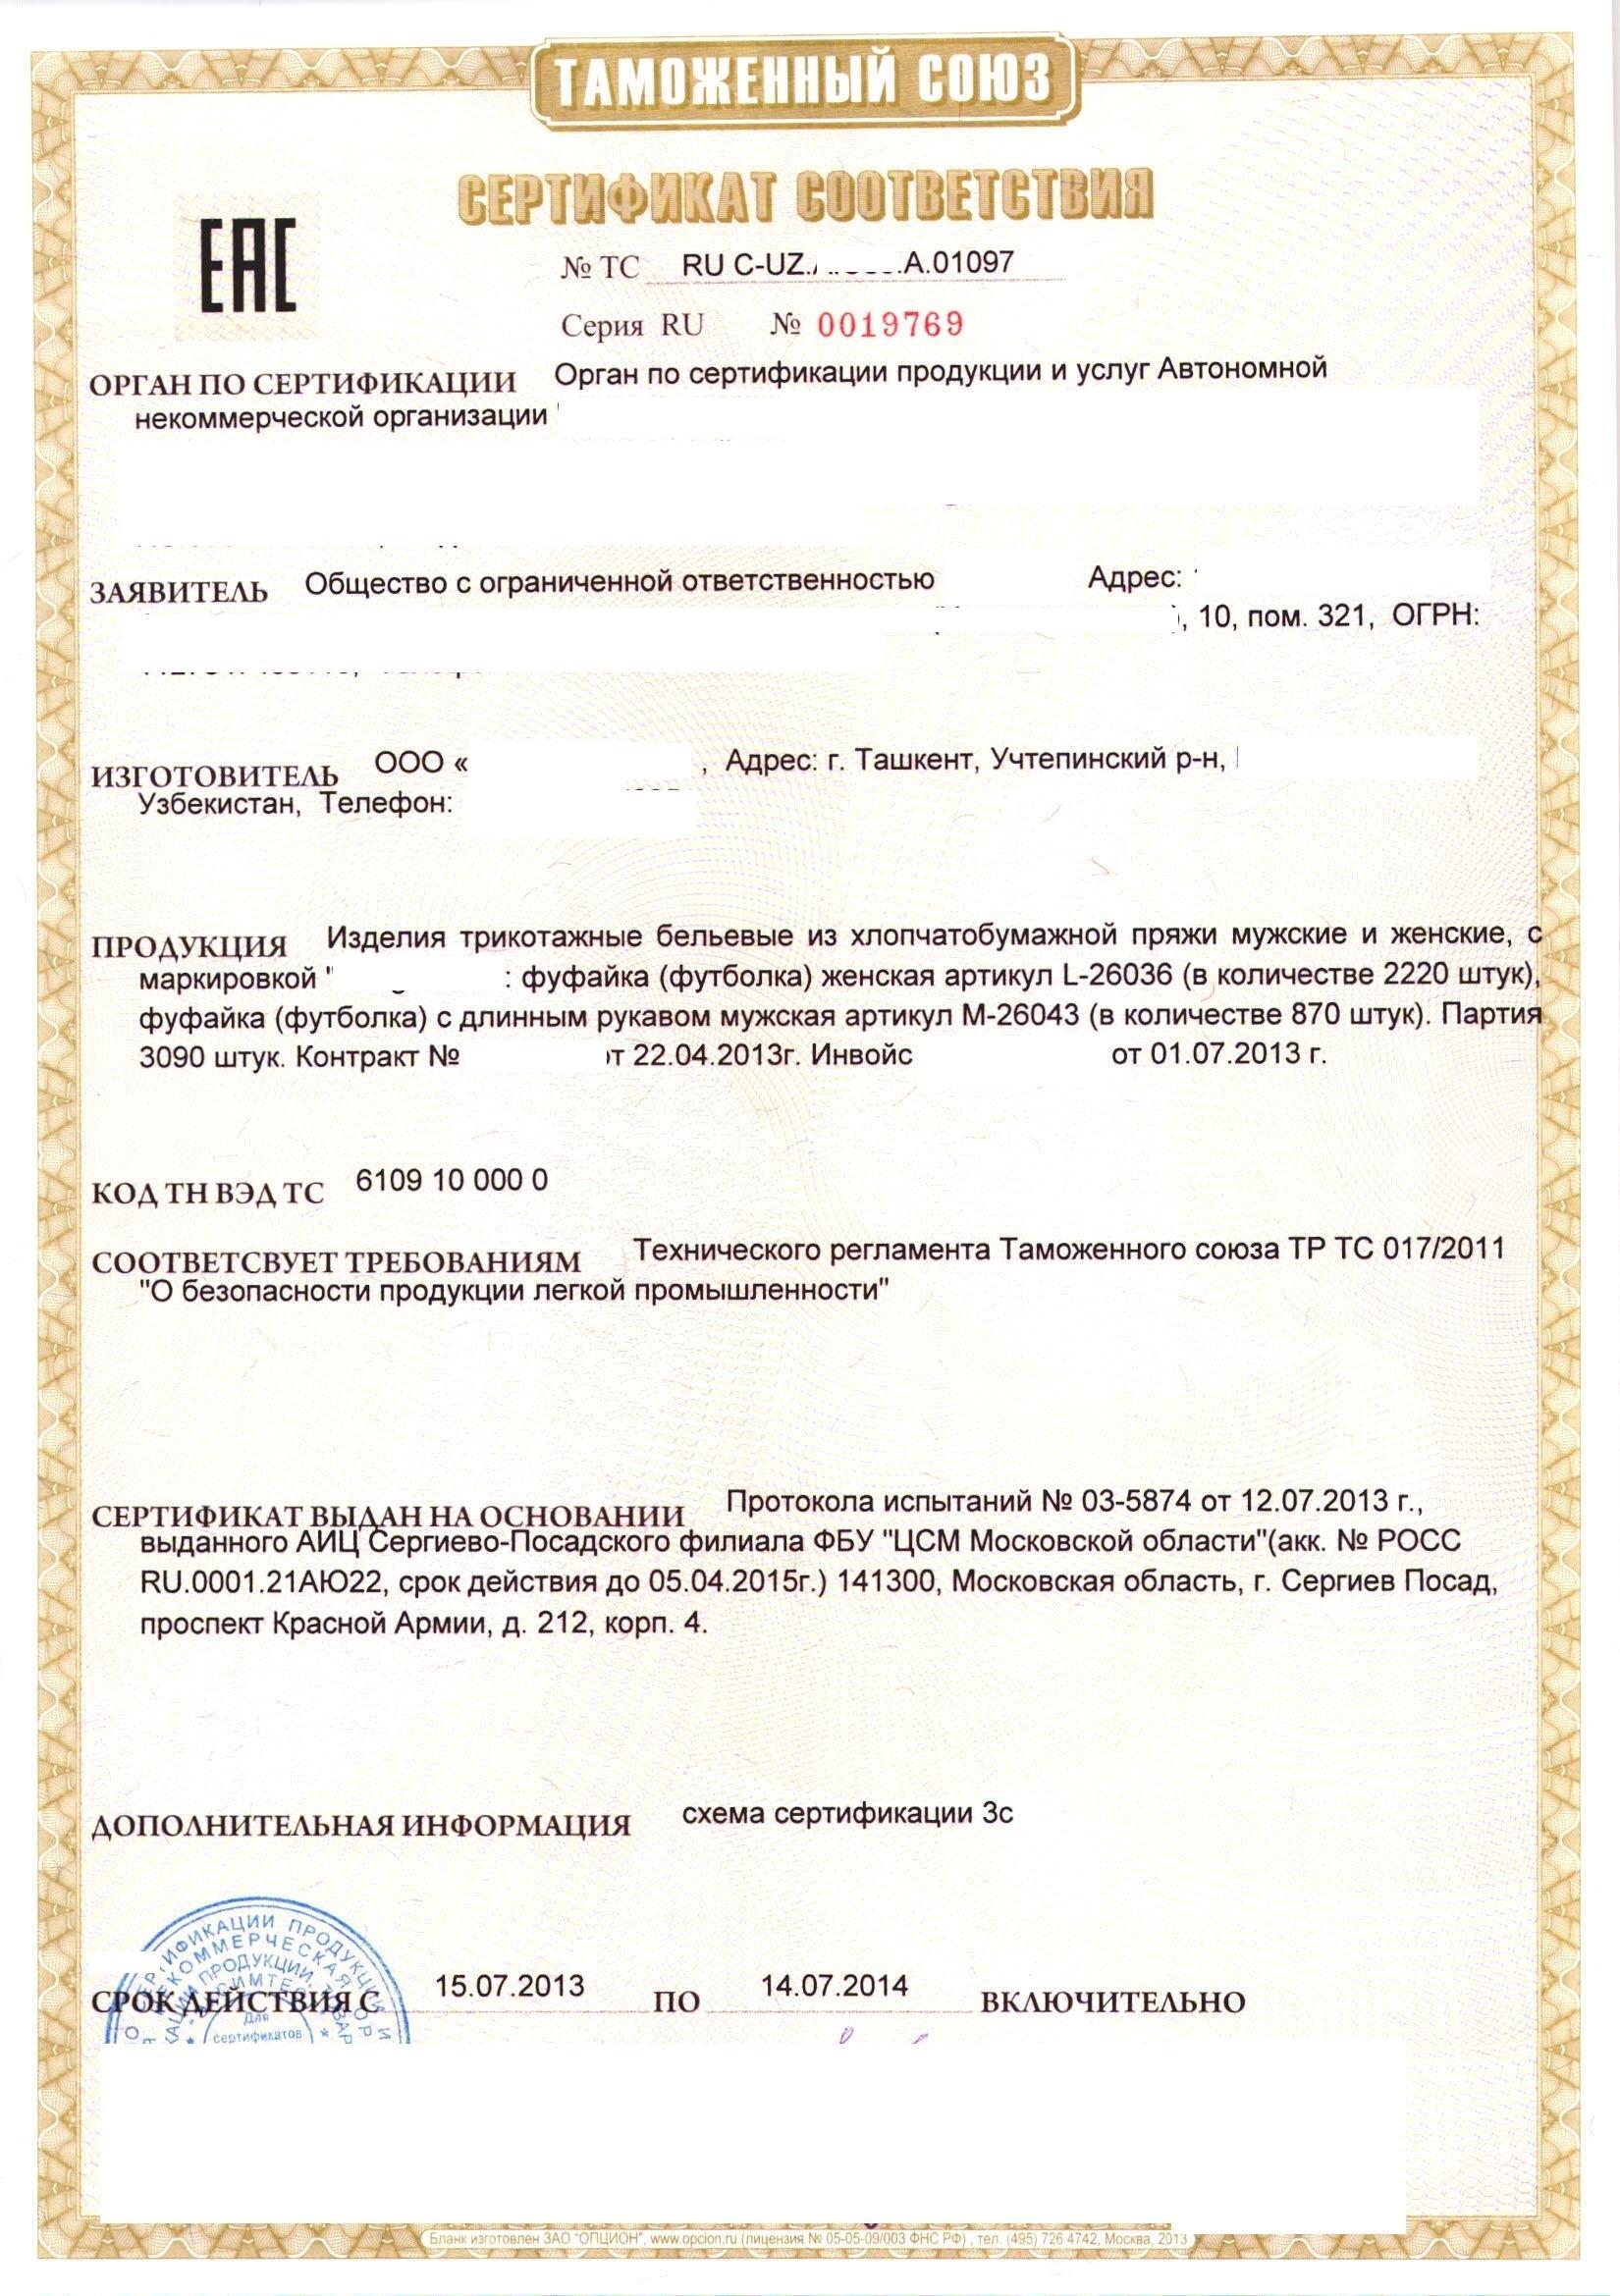 Образец сертификата соответствия техническому регламенту Таможенного союза